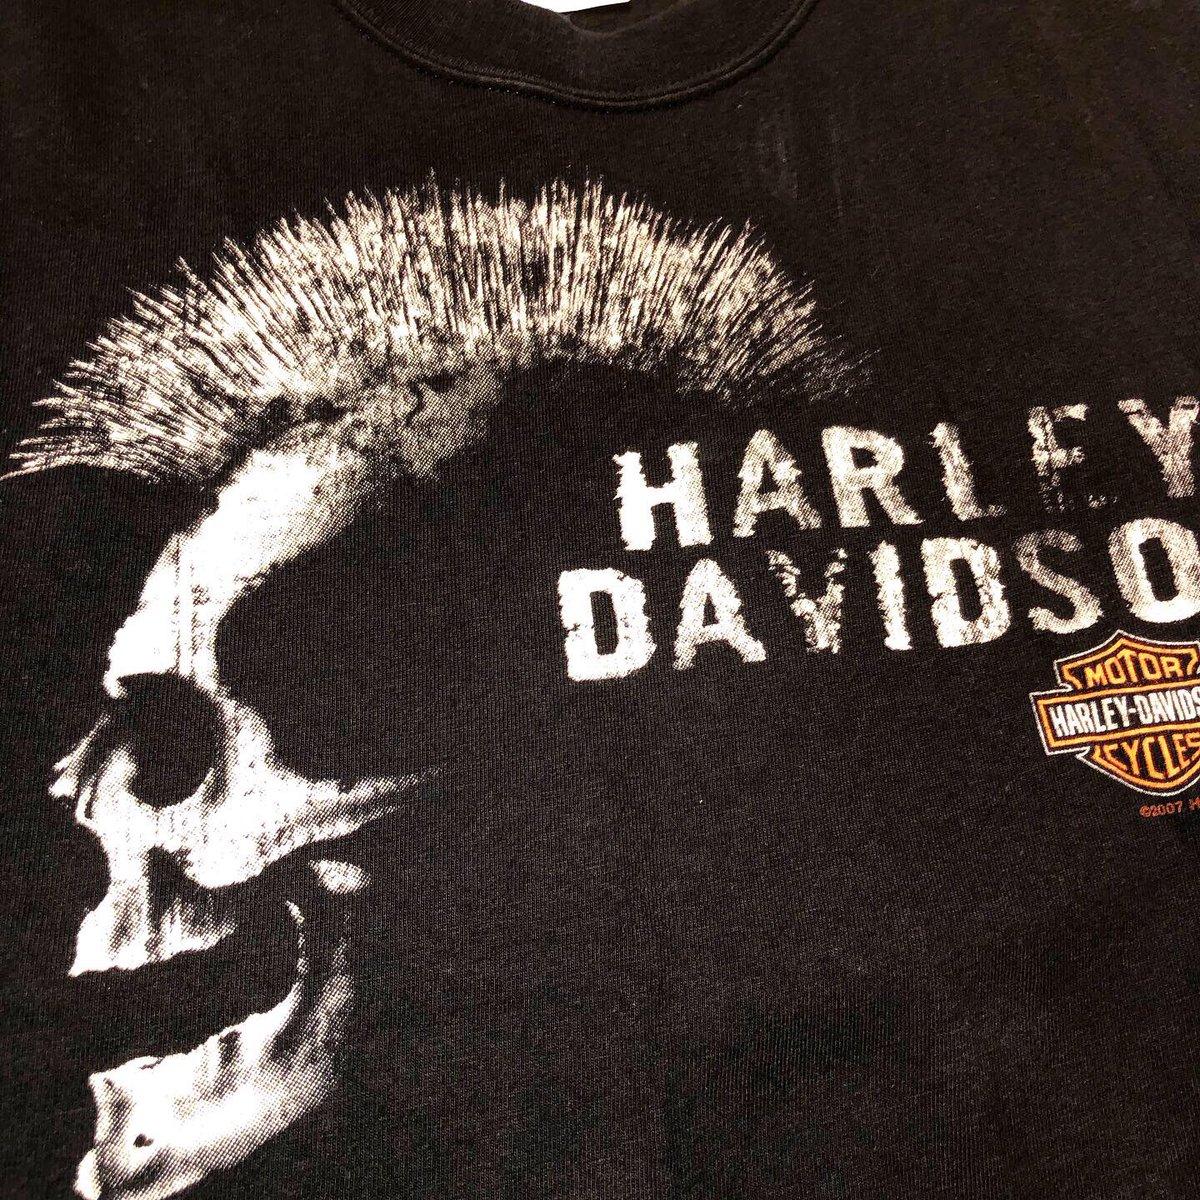 test ツイッターメディア - Harley-Davidson Tee  人気のハーレーTee ミニマムサイズ入荷しました🙌🏻  8月17日(土) 13:00-21:00 あやこがお待ちしております🤗  🔥真夏のCatalyst🔥 イベント開催中 8月10日(土)〜8月18日(日) 3,000円OFF or 30%OFF☝️ & 古着屋のサマージャンボ宝くじ🌊  #静岡 #古着 https://t.co/Nk01KENqLD